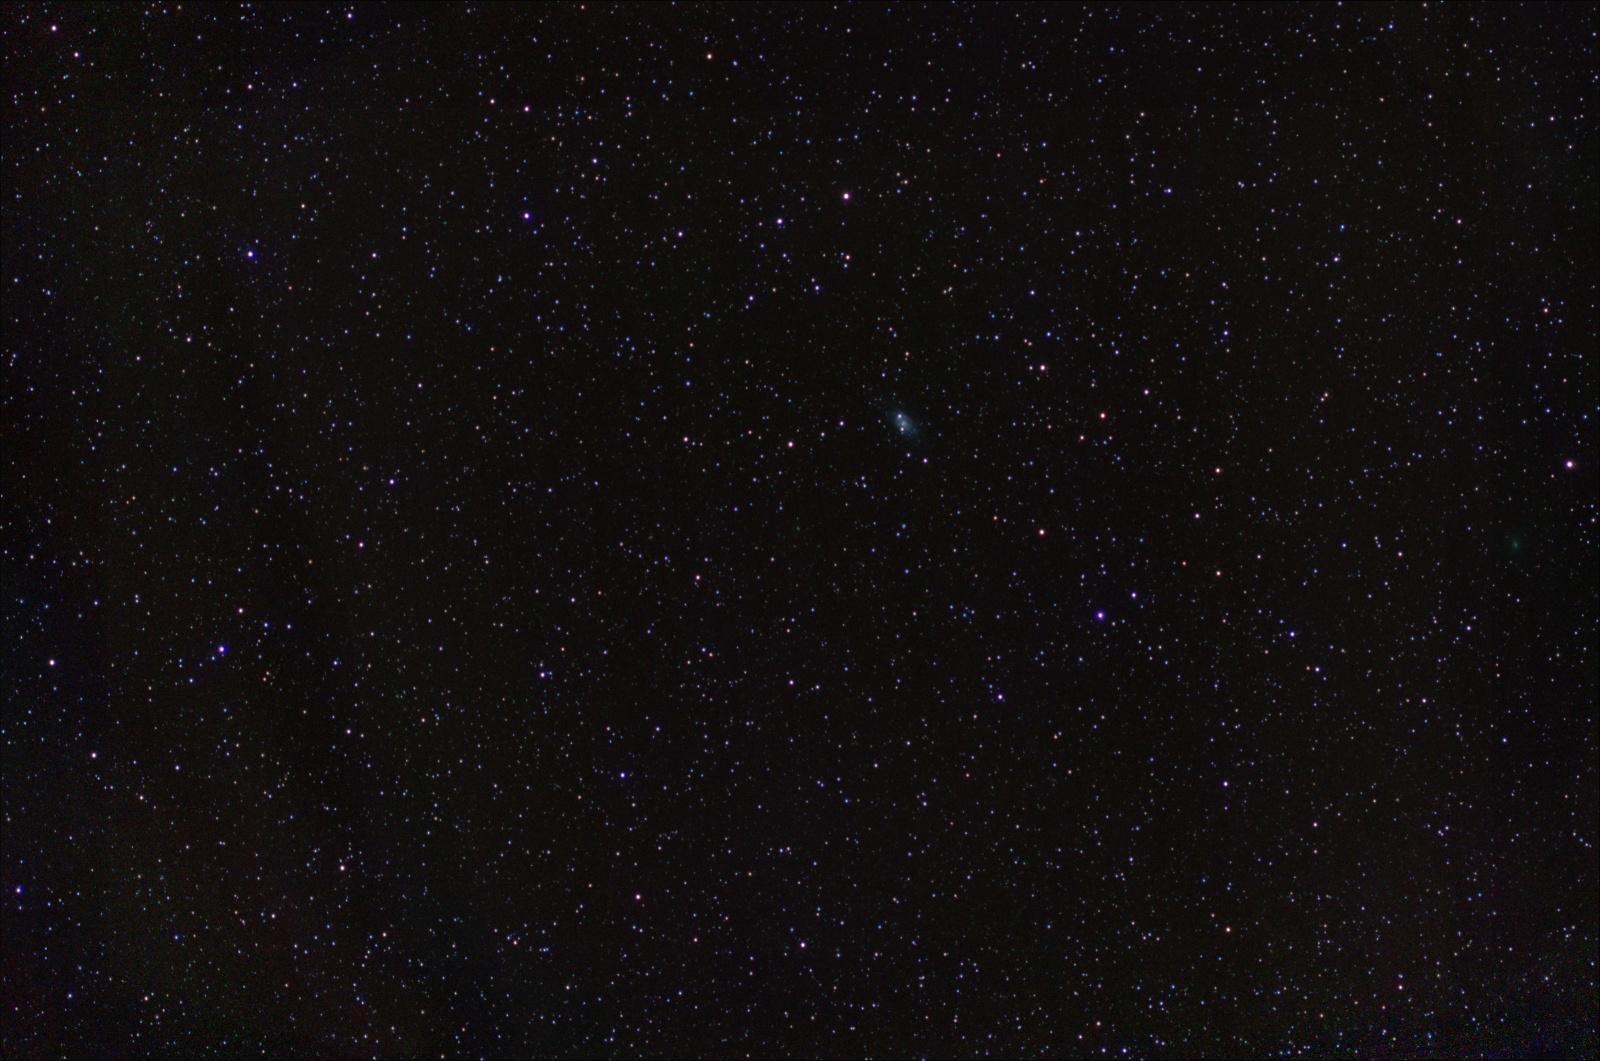 NGC2403b.thumb.jpg.8ce75ff277acbee8d59595cc8afd71e6.jpg